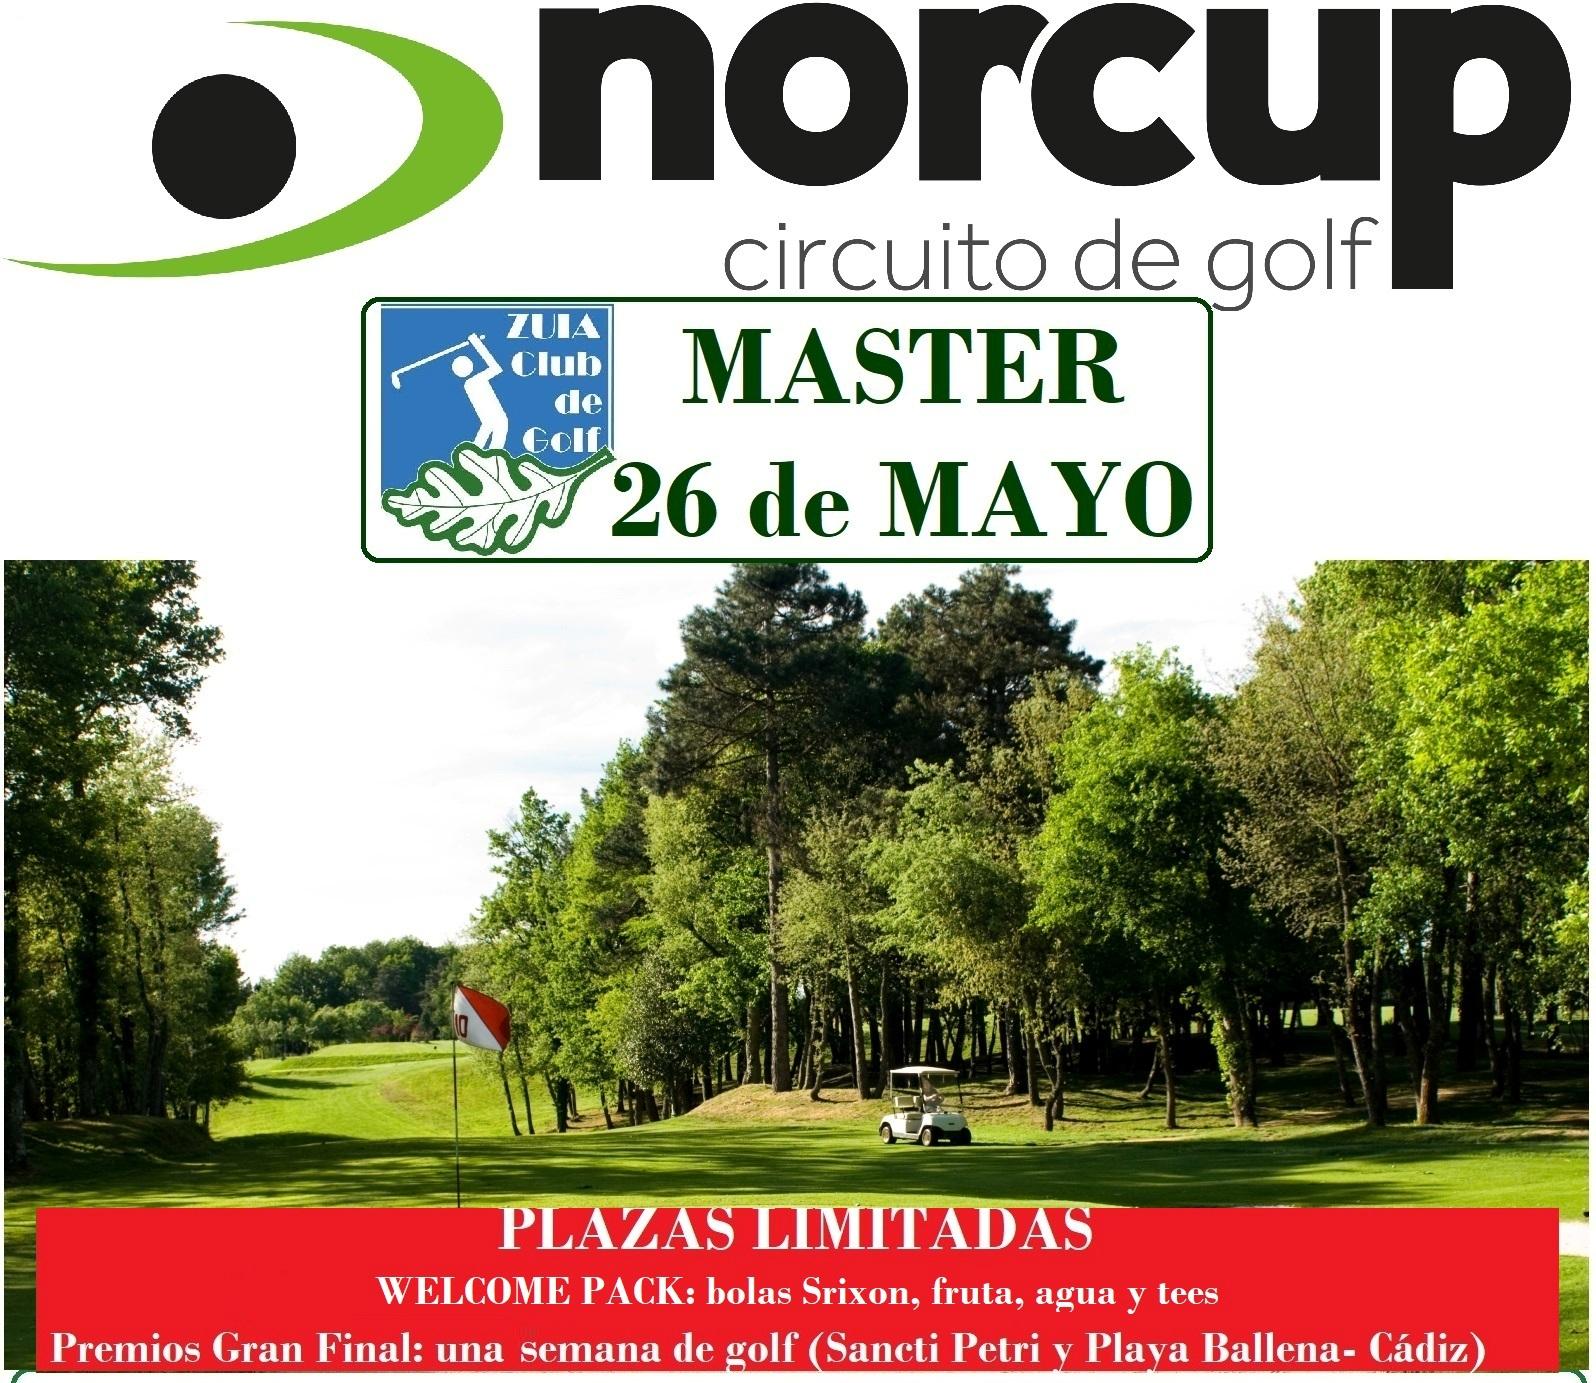 Sábado 26-mayo: Trofeo abierto Norcup Masters